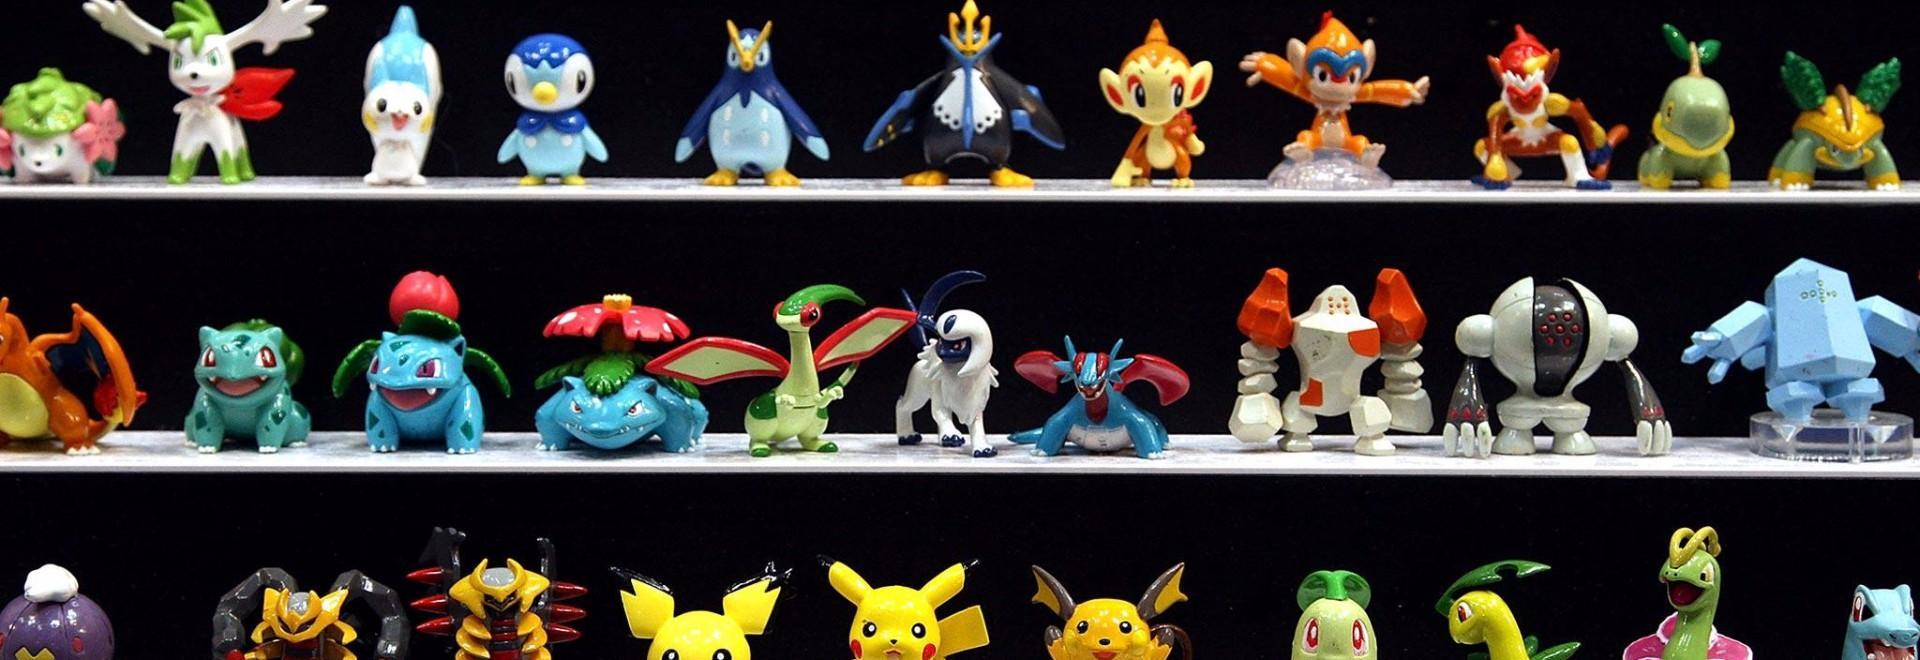 Pokémon Mania: 20 anni sulla cresta dell'onda